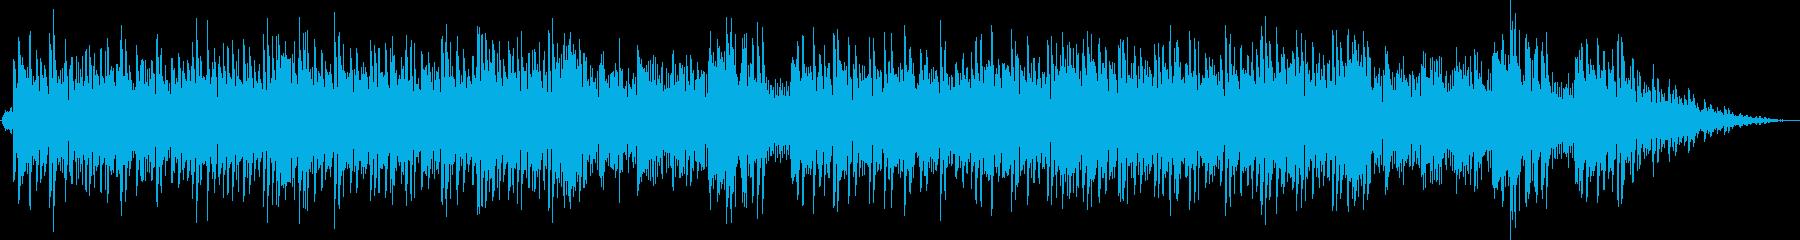 何気ない日常のBGMですの再生済みの波形